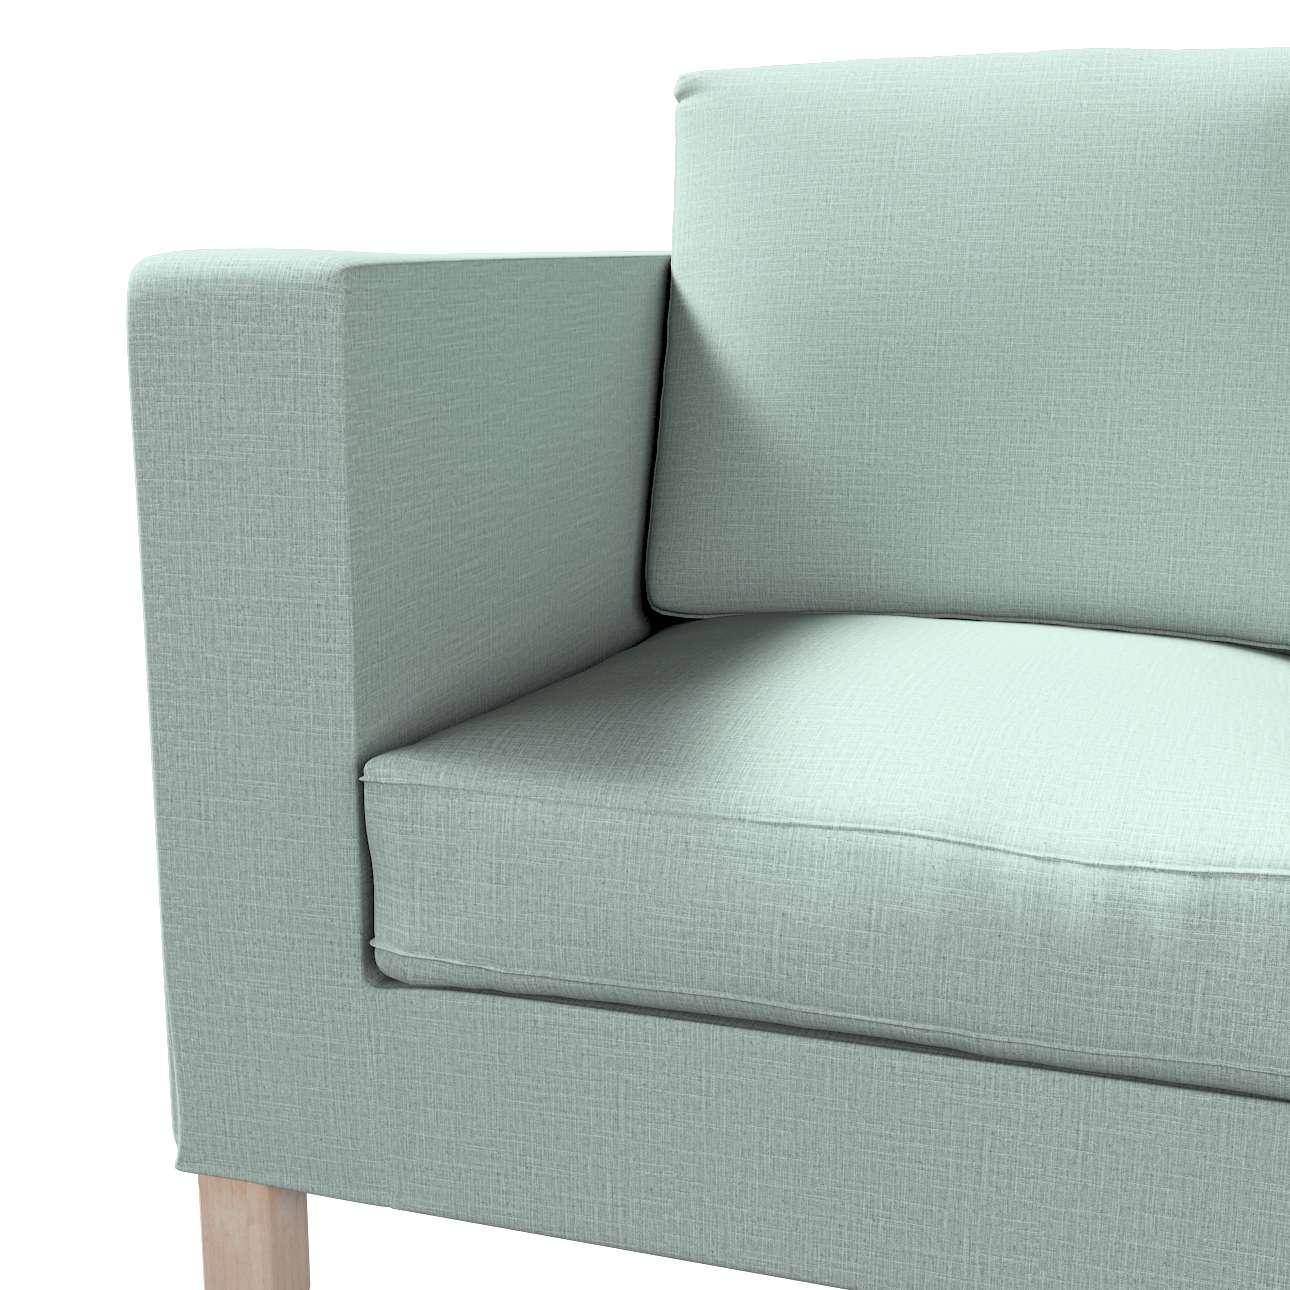 Karlanda 2-Sitzer Sofabezug nicht ausklappbar kurz von der Kollektion Living, Stoff: 160-86